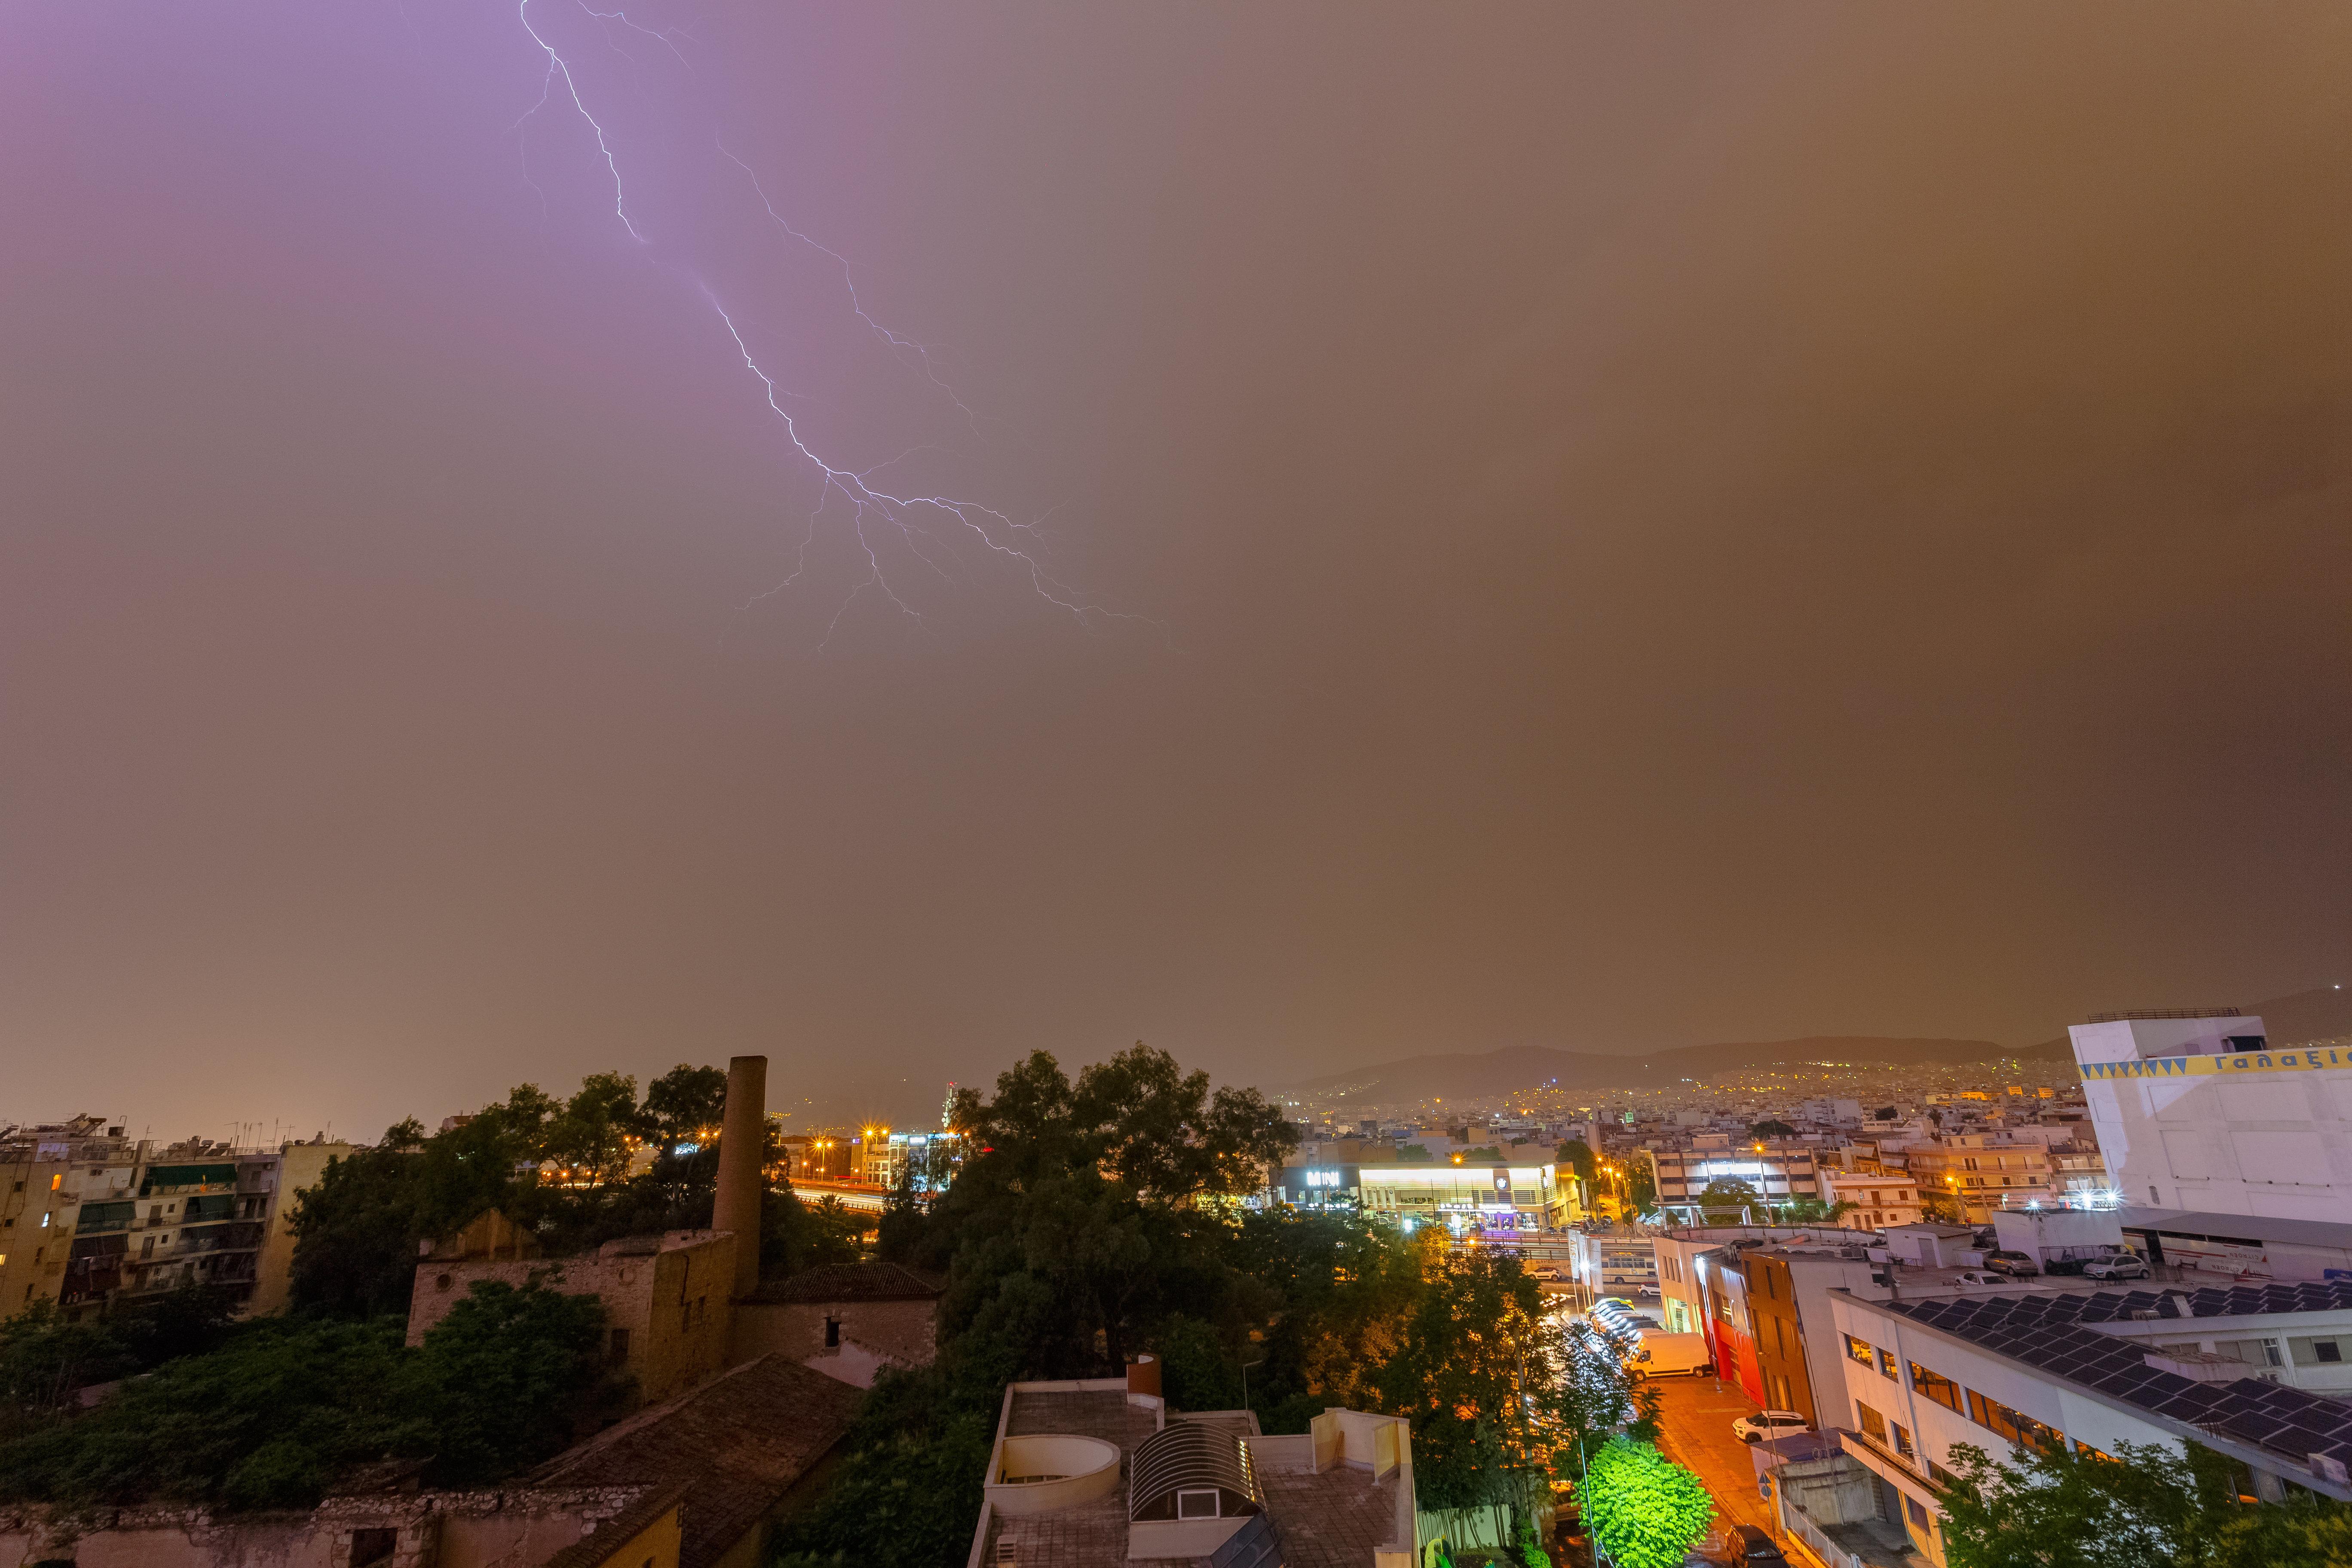 Έκτακτο δελτίο καιρού της ΕΜΥ - Έρχονται καταιγίδες, χαλάζι και θυελλώδεις